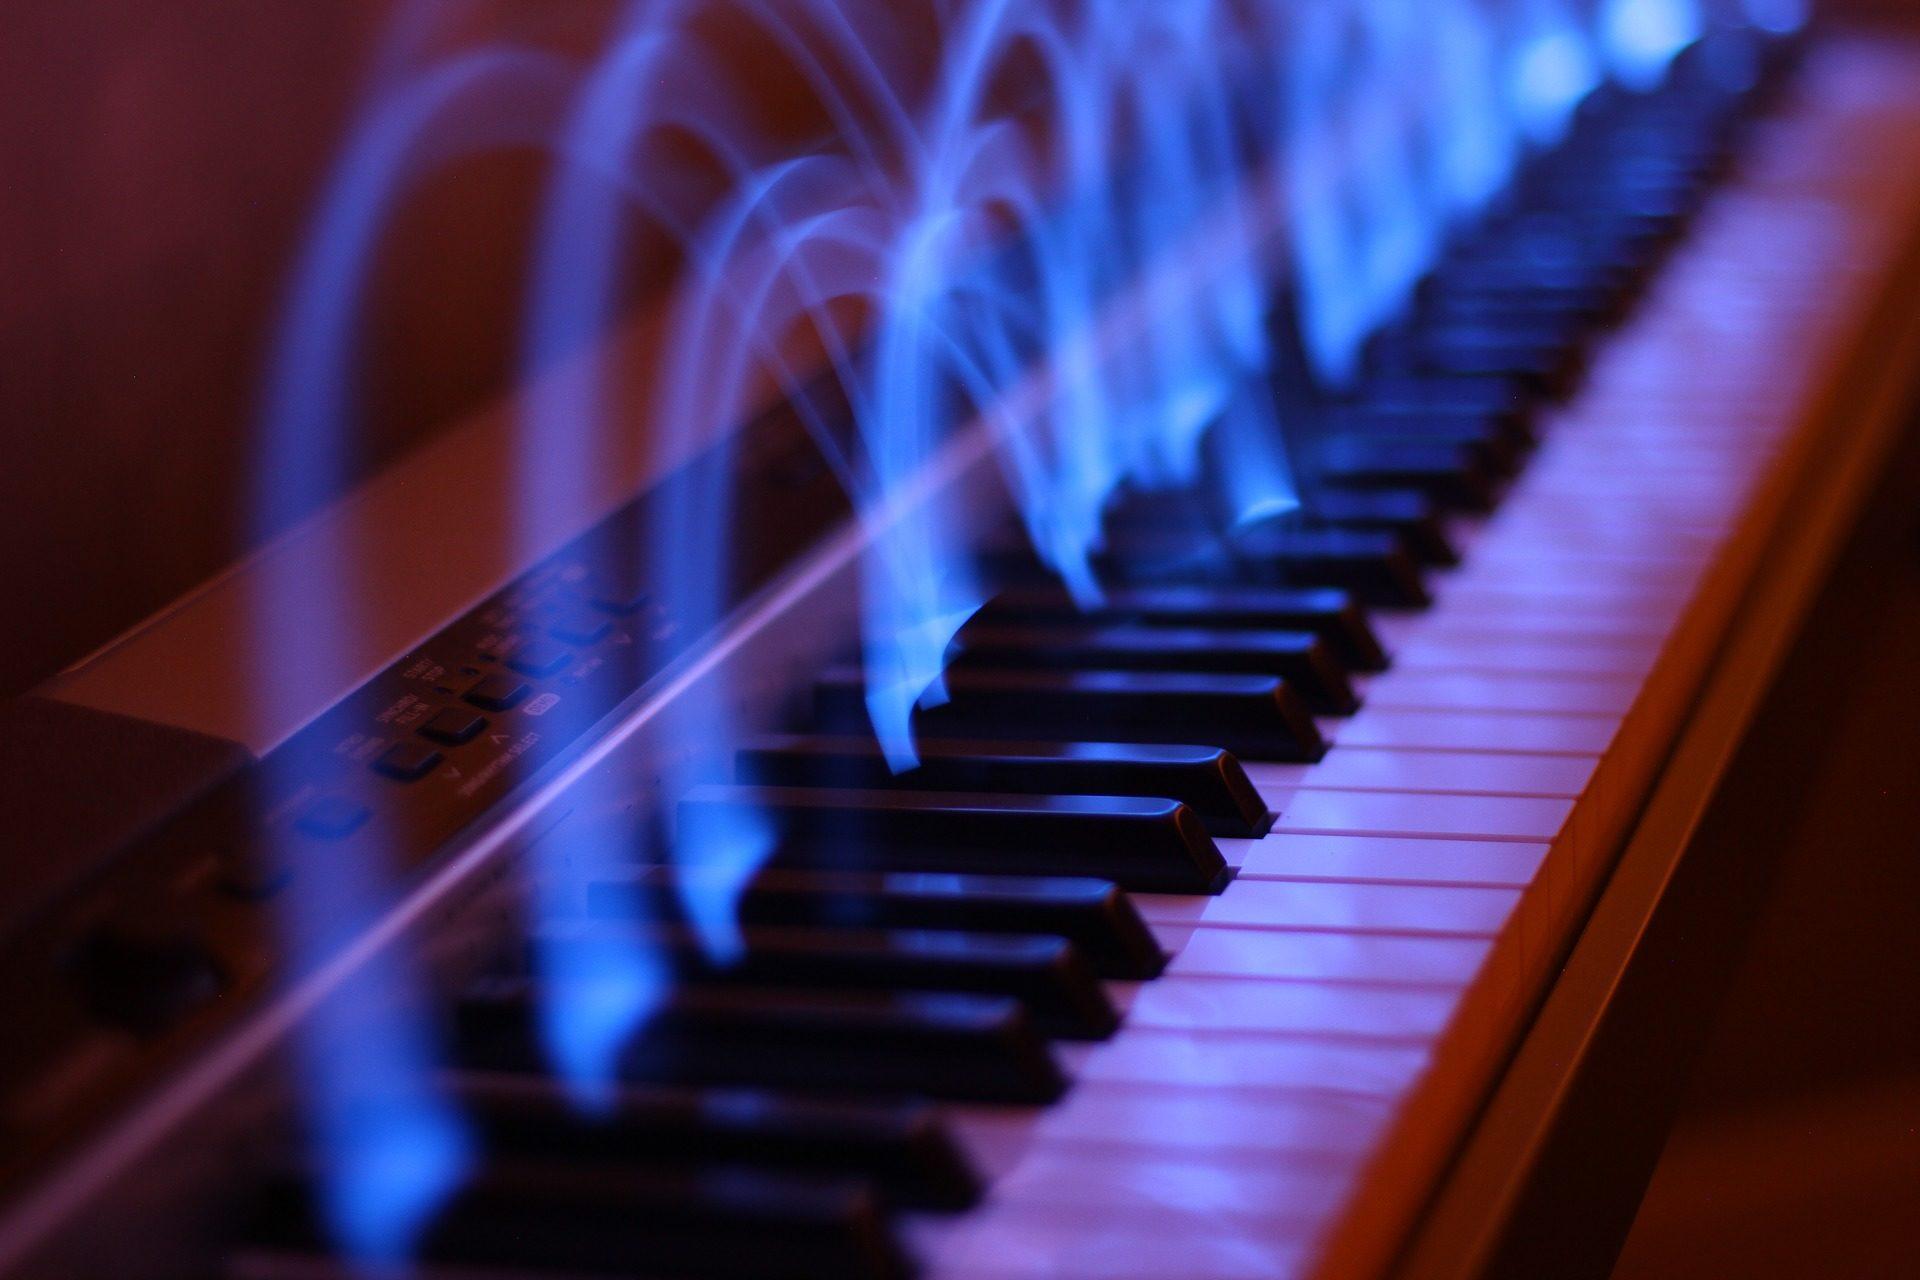 piano, teclas, halos, efectos, luces - Fondos de Pantalla HD - professor-falken.com